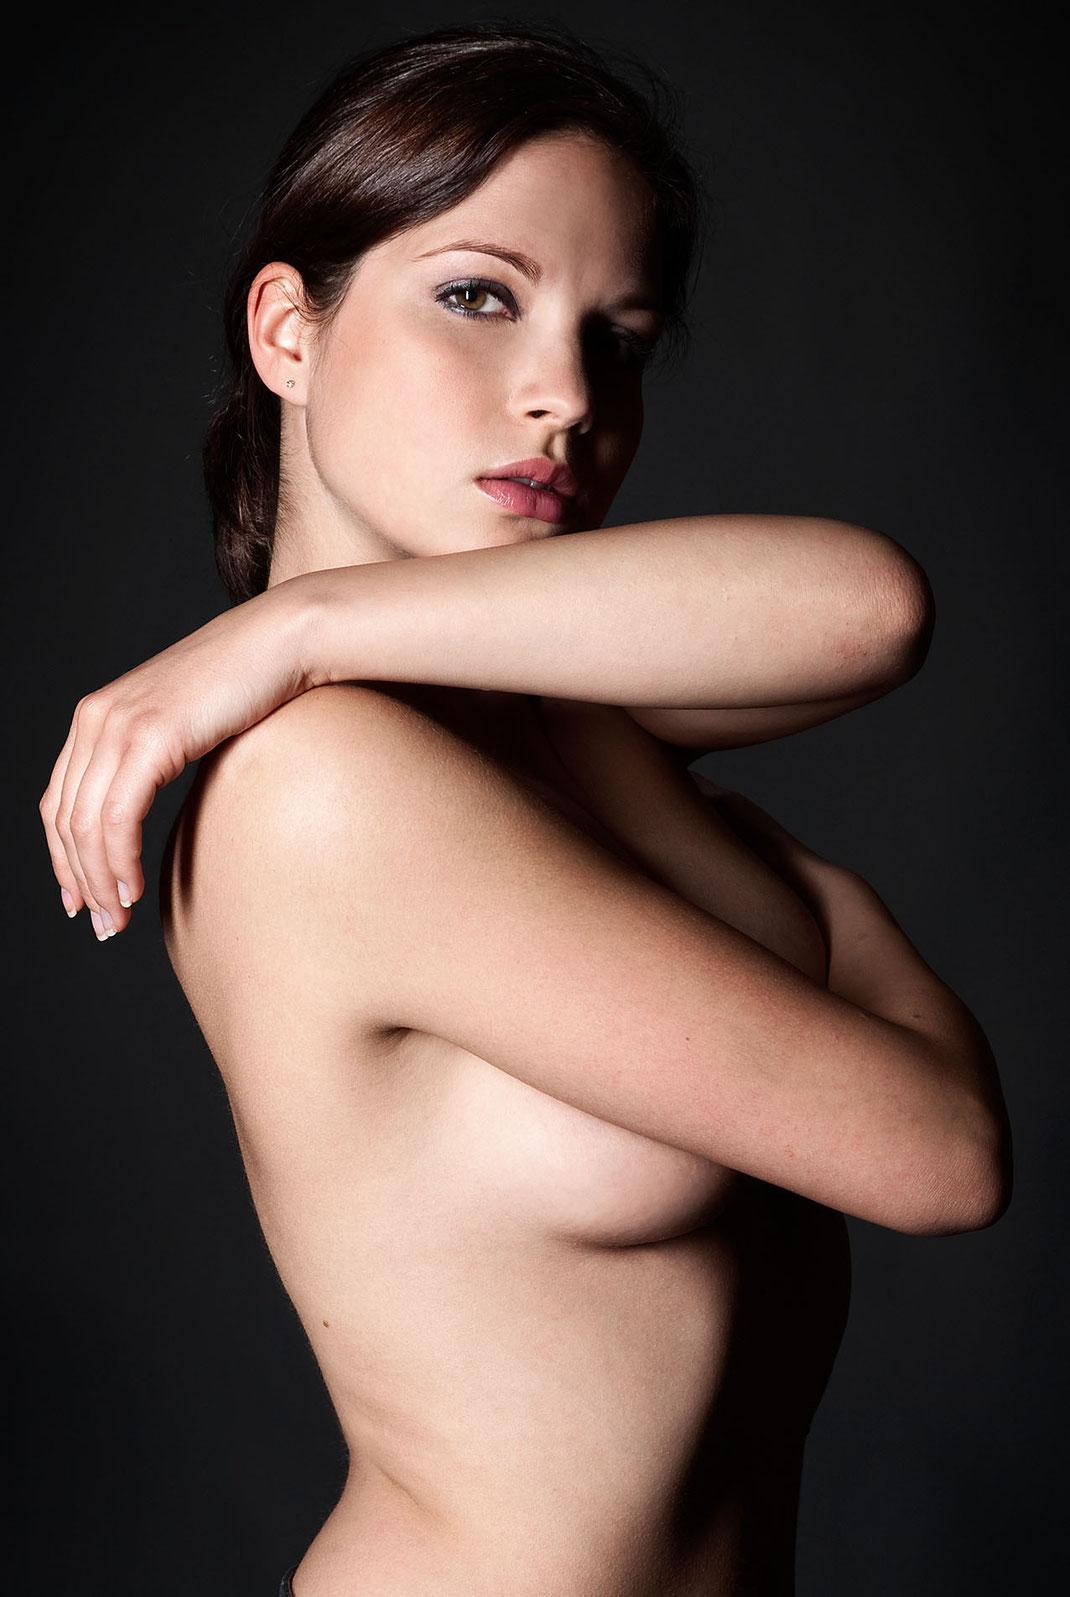 Erotische Portaitaufnahme von Jenny by Martin Boelt Fine Art Erotic Photography